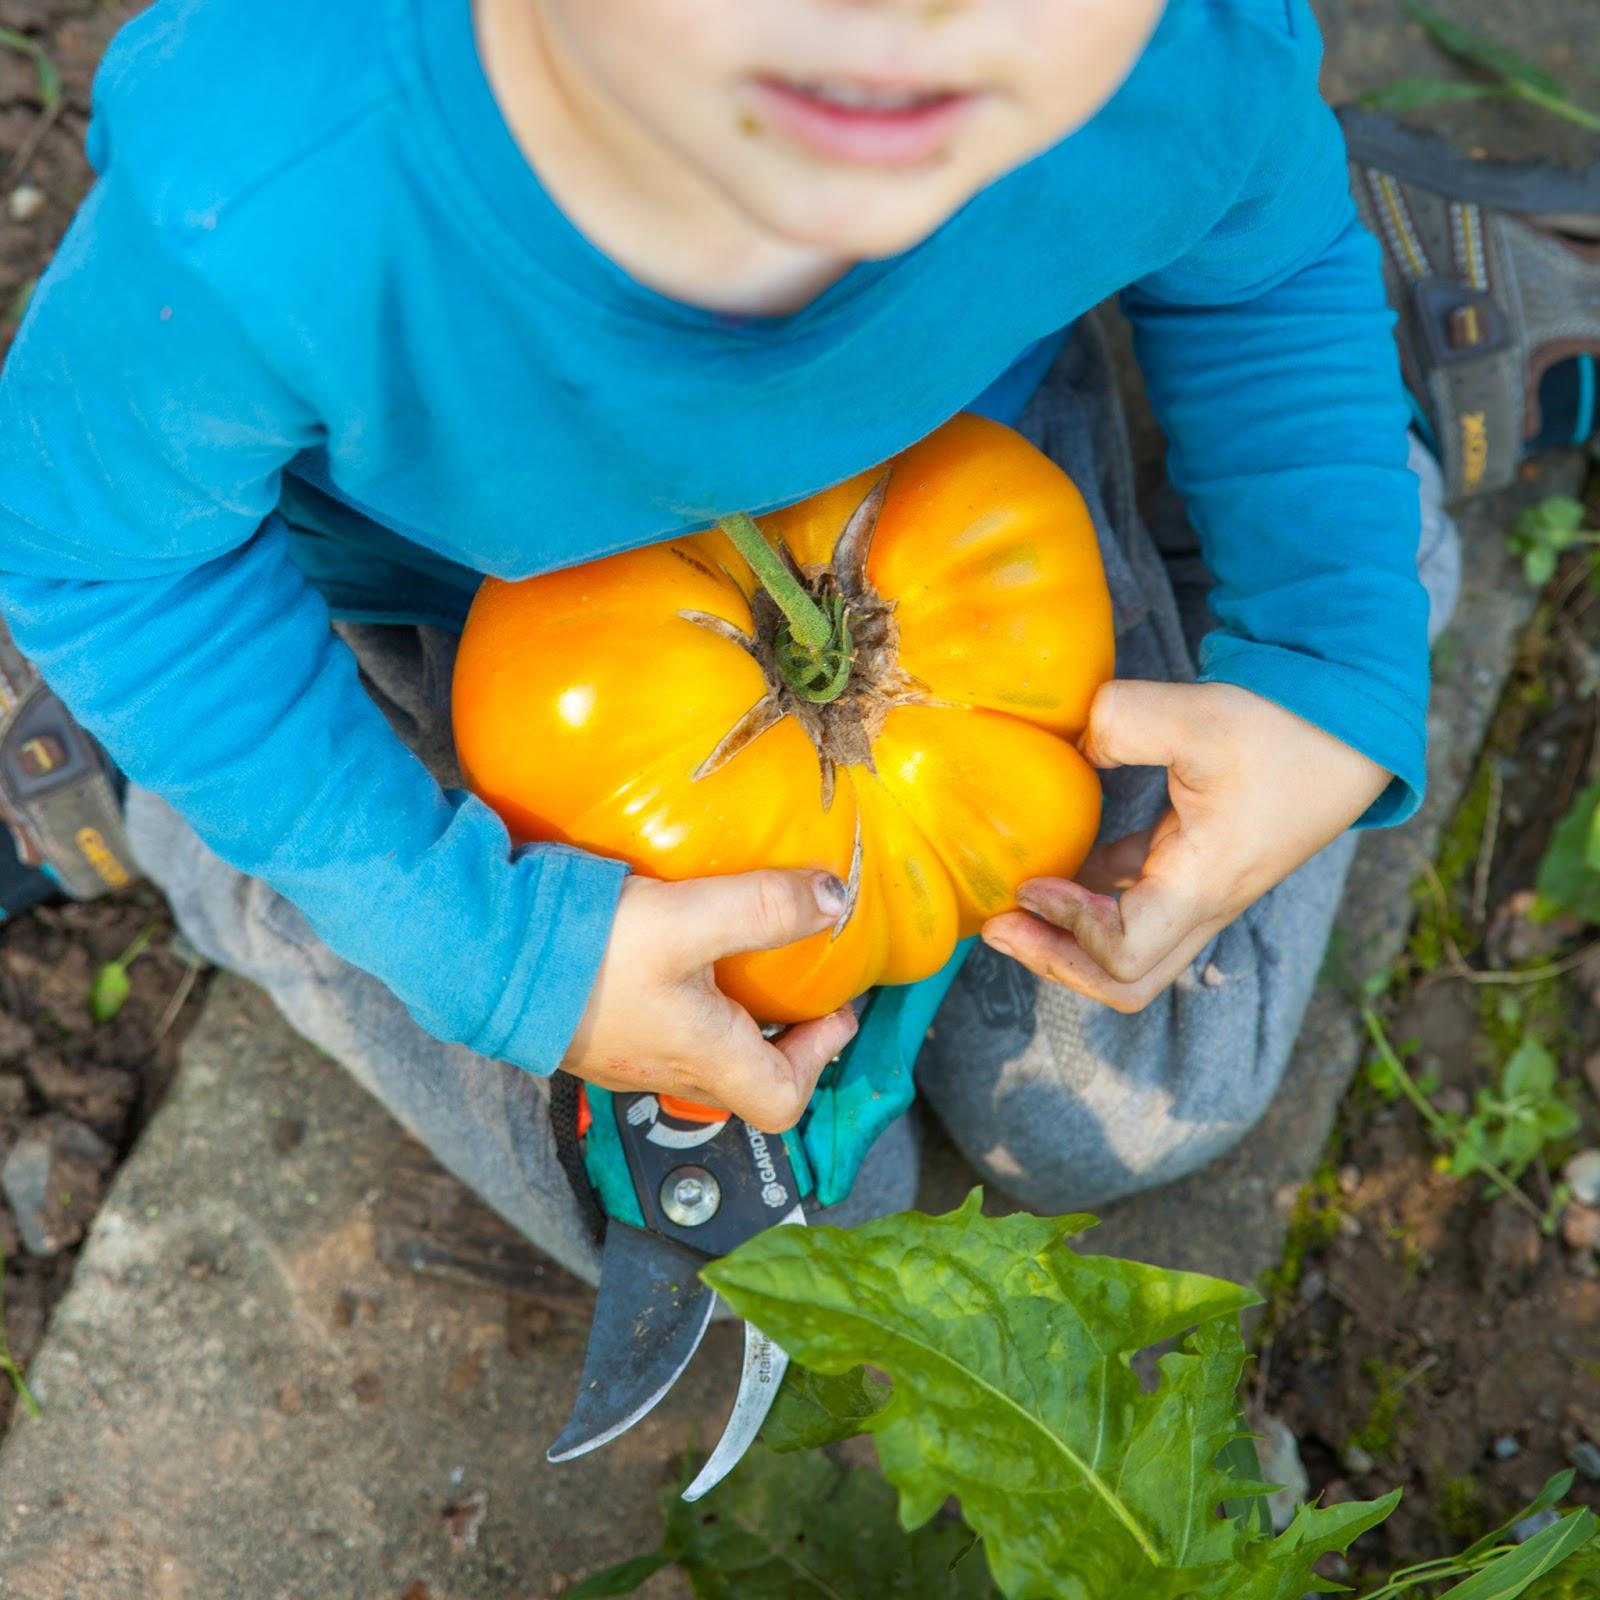 Trollenland Die Größte Tomate Der Welt